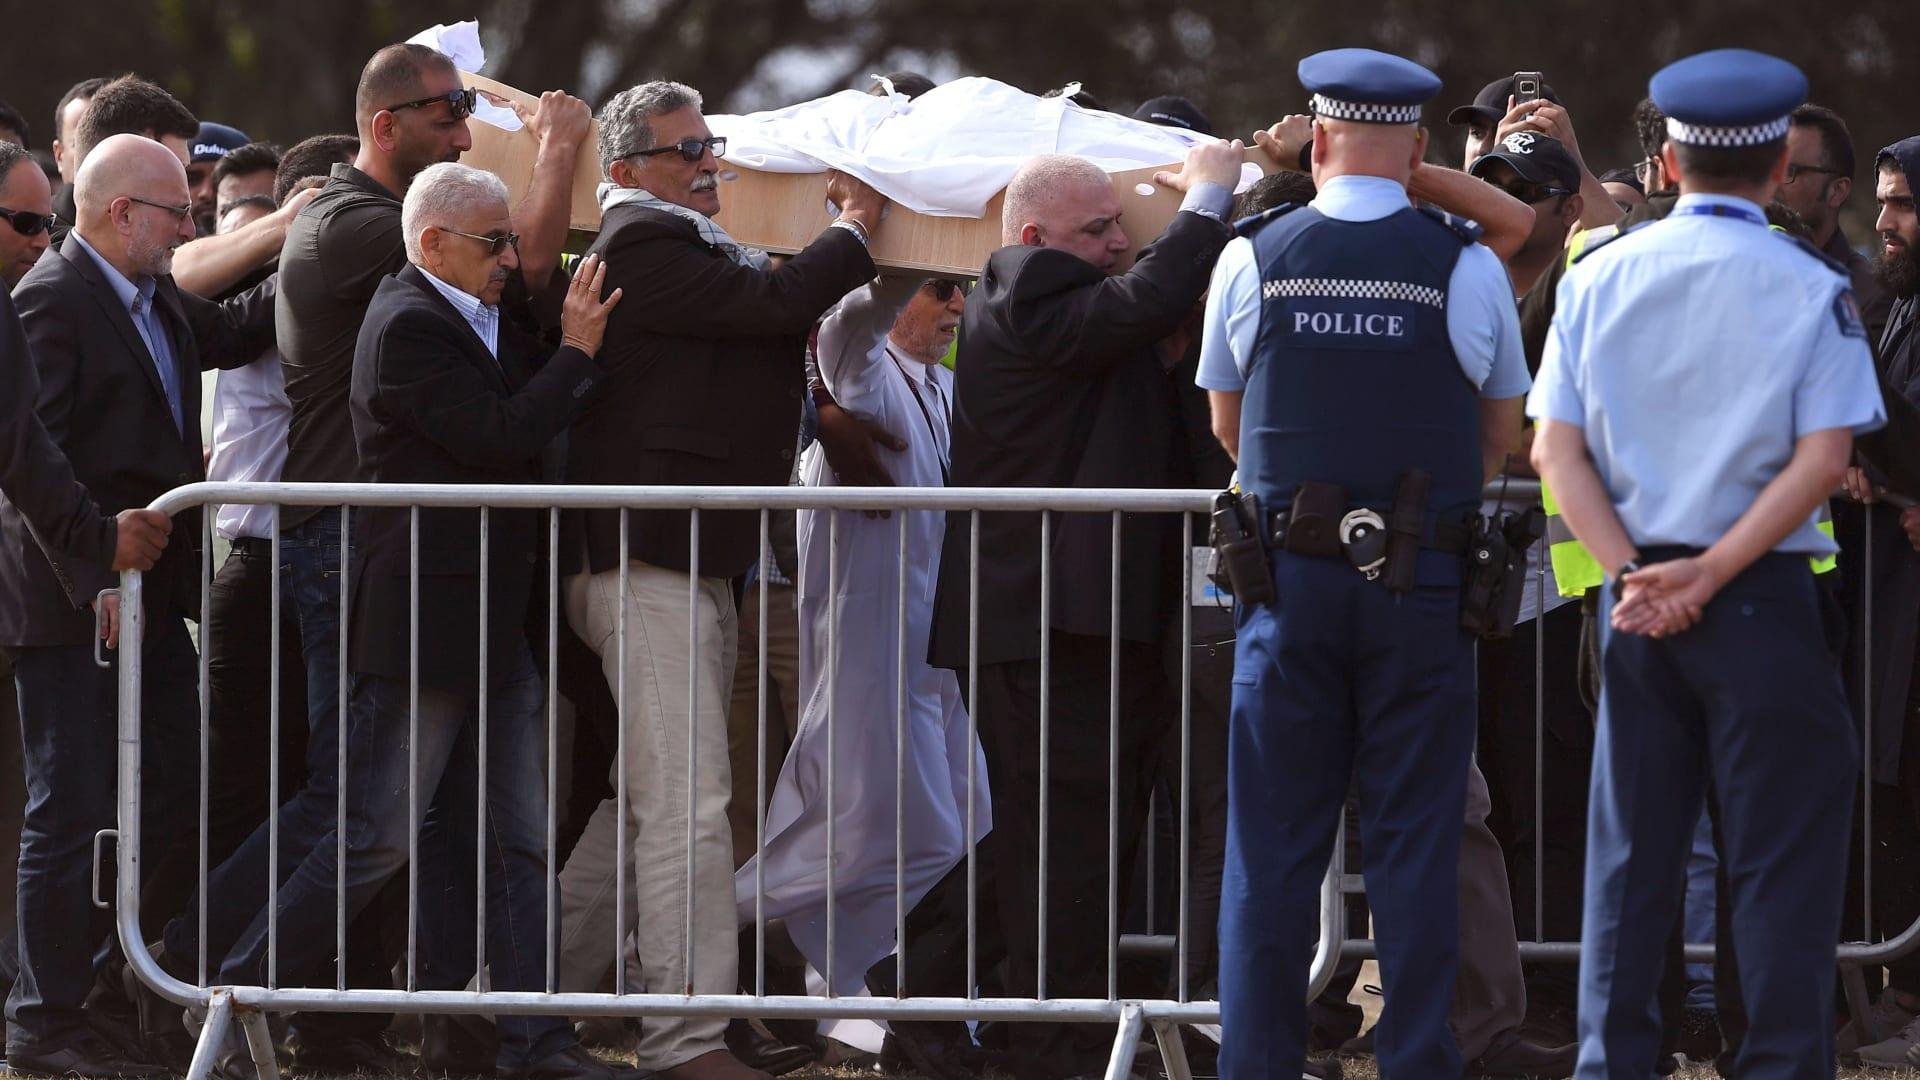 حصري.. فيديو مراقبة يظهر الهلع أثناء هجوم نيوزيلندا